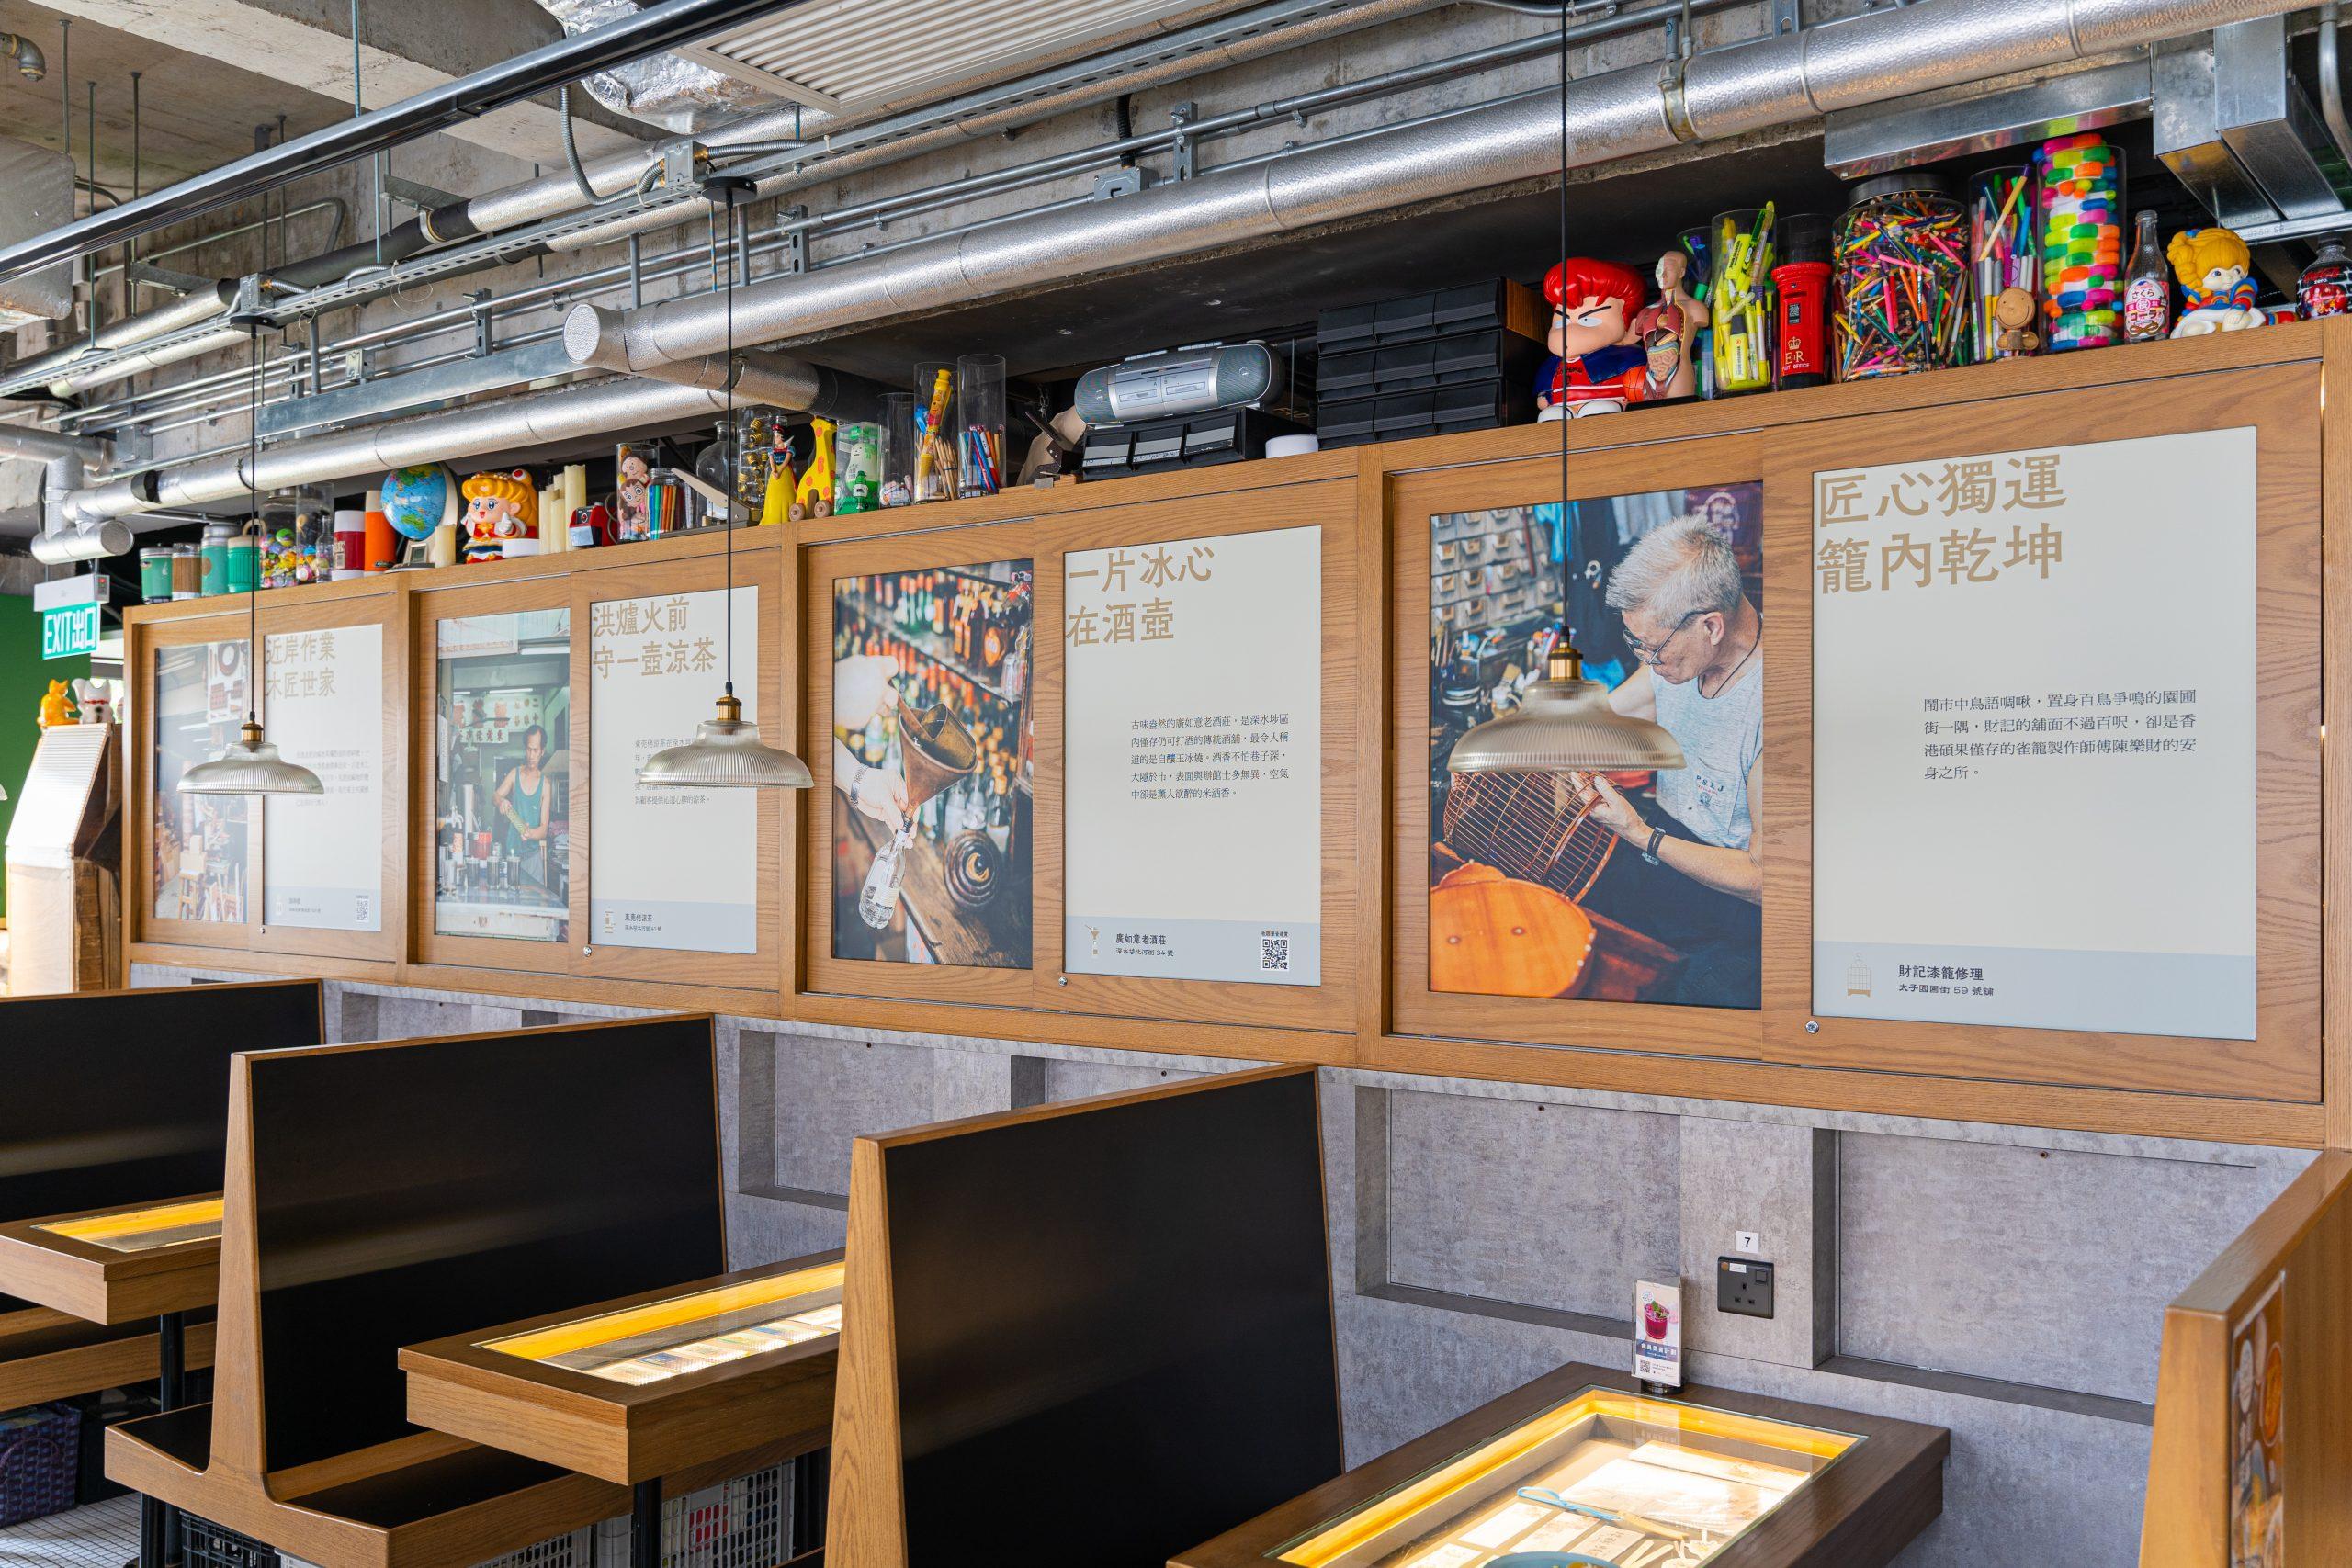 老香港設計展覽 香港遺美 阿銀冰室 歷史 老店 攝影展